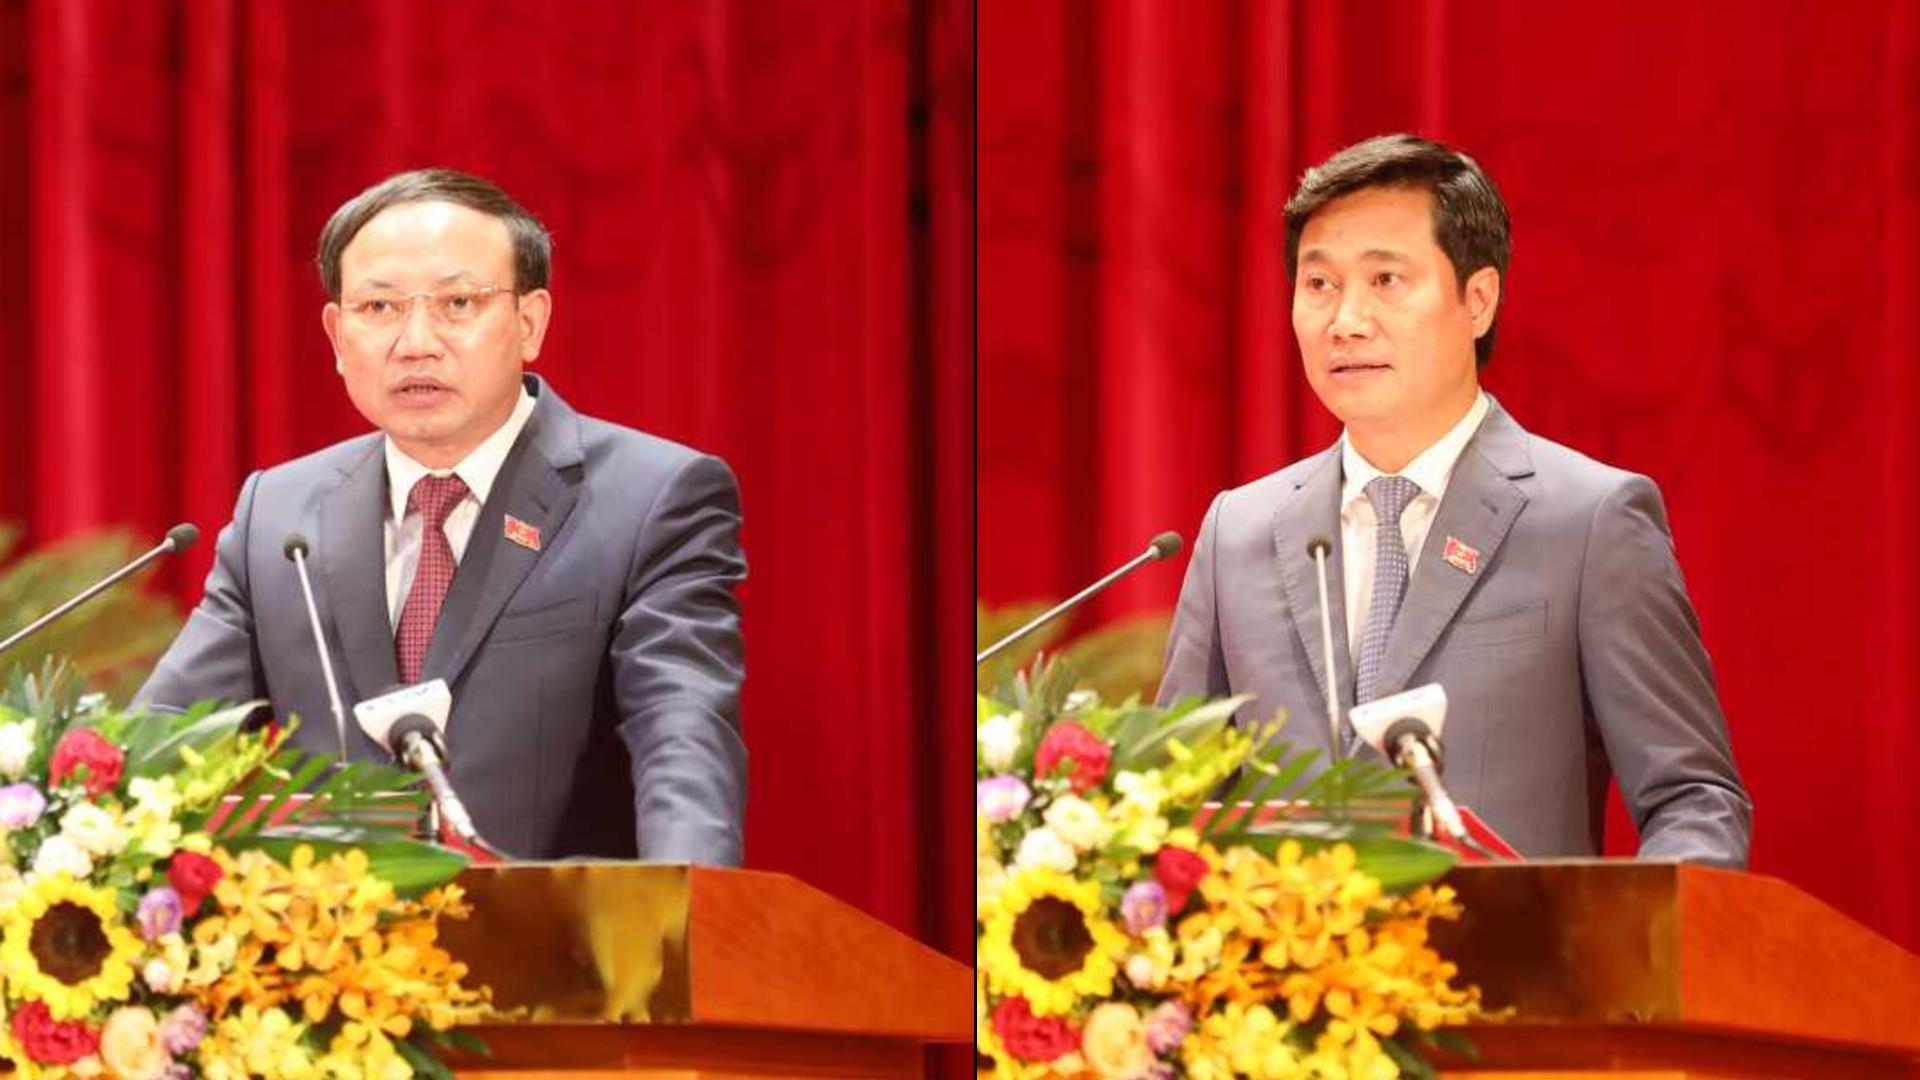 Chủ tịch HĐND tỉnh và Chủ tịch UBND tỉnh Quảng Ninh tái cử